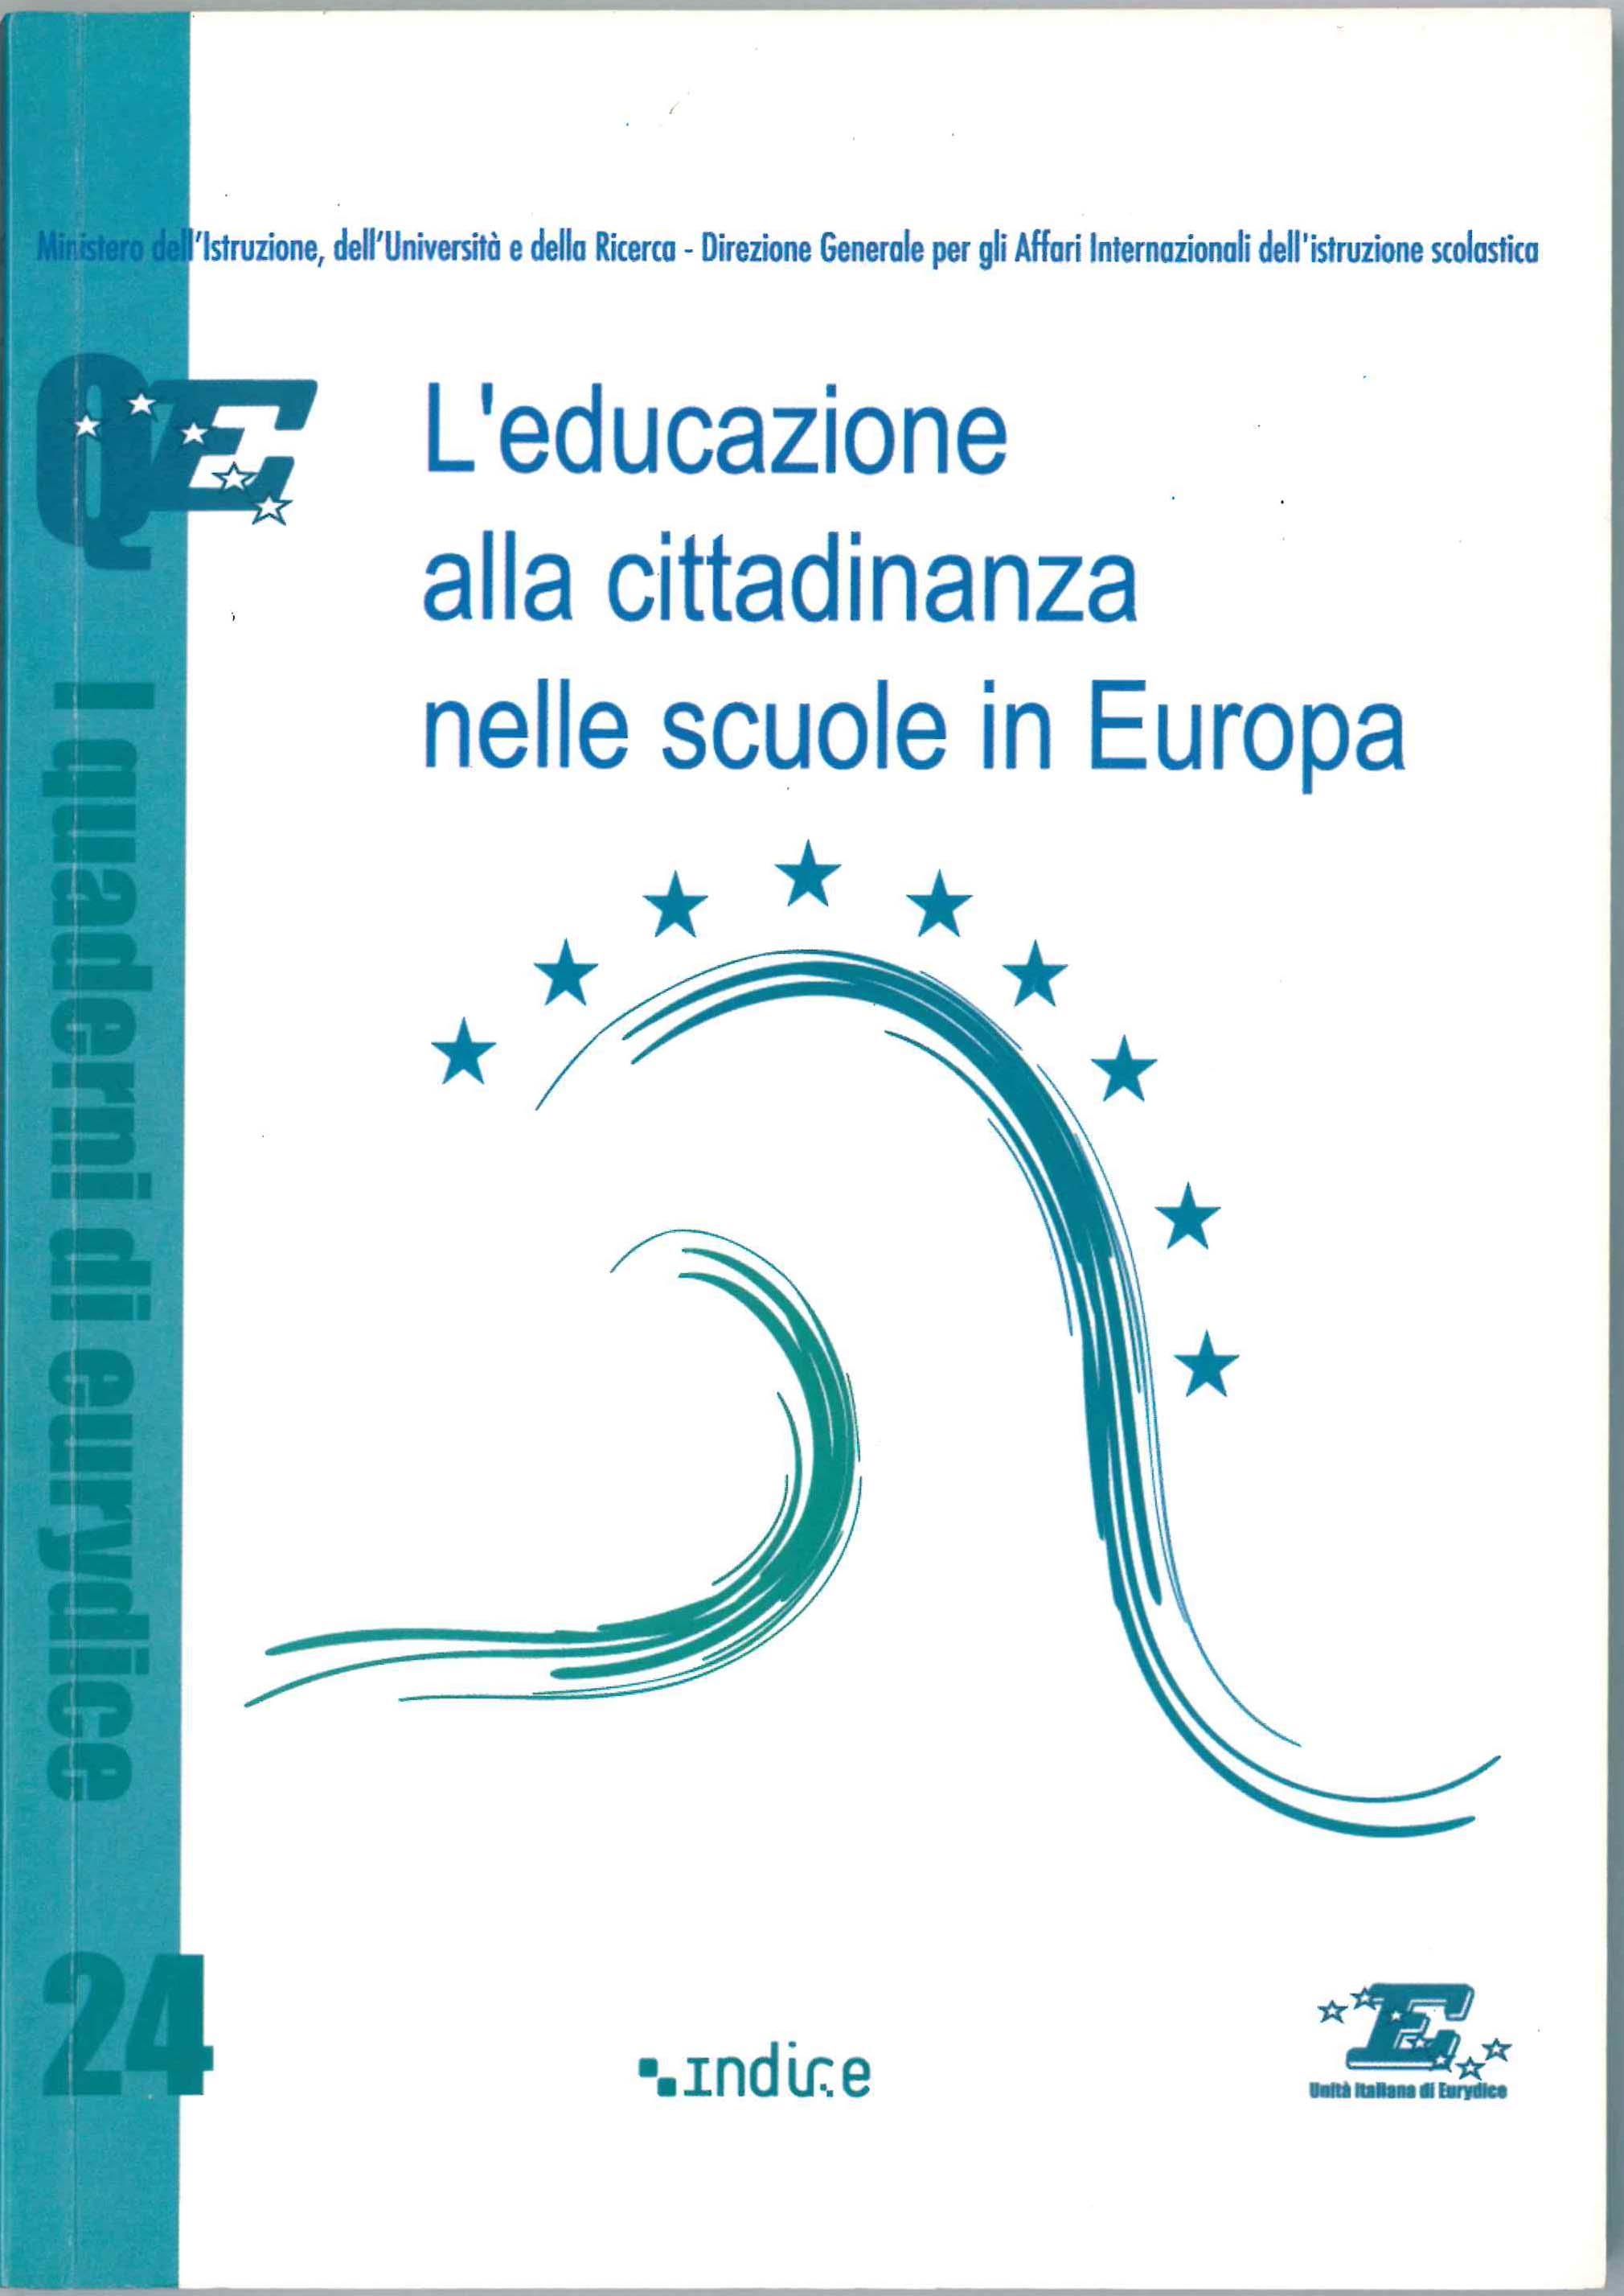 copertina_educazione_cittadinanza_2015